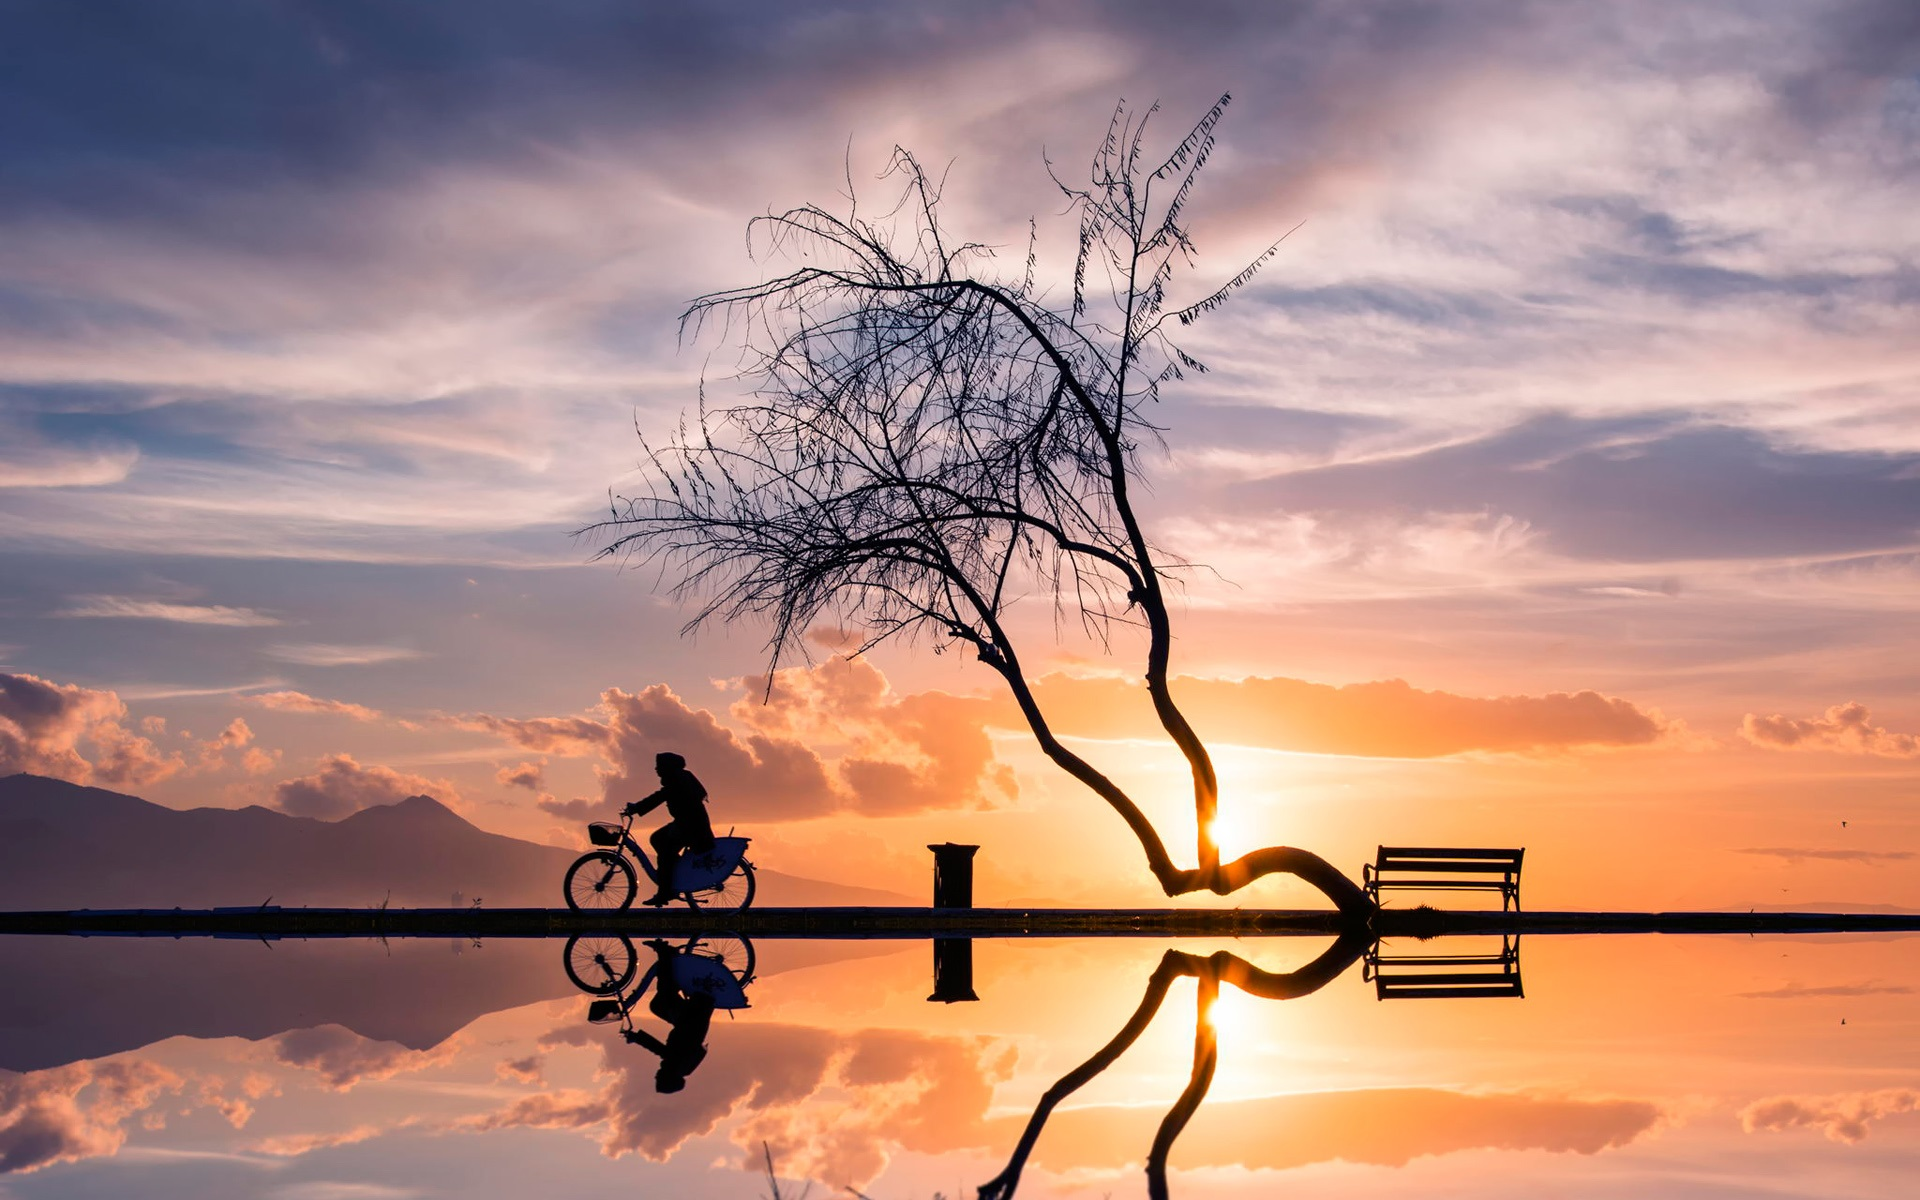 cbef8d2f0a Fondos de pantalla Puesta de sol, árbol, mujer, bicicleta, silueta ...